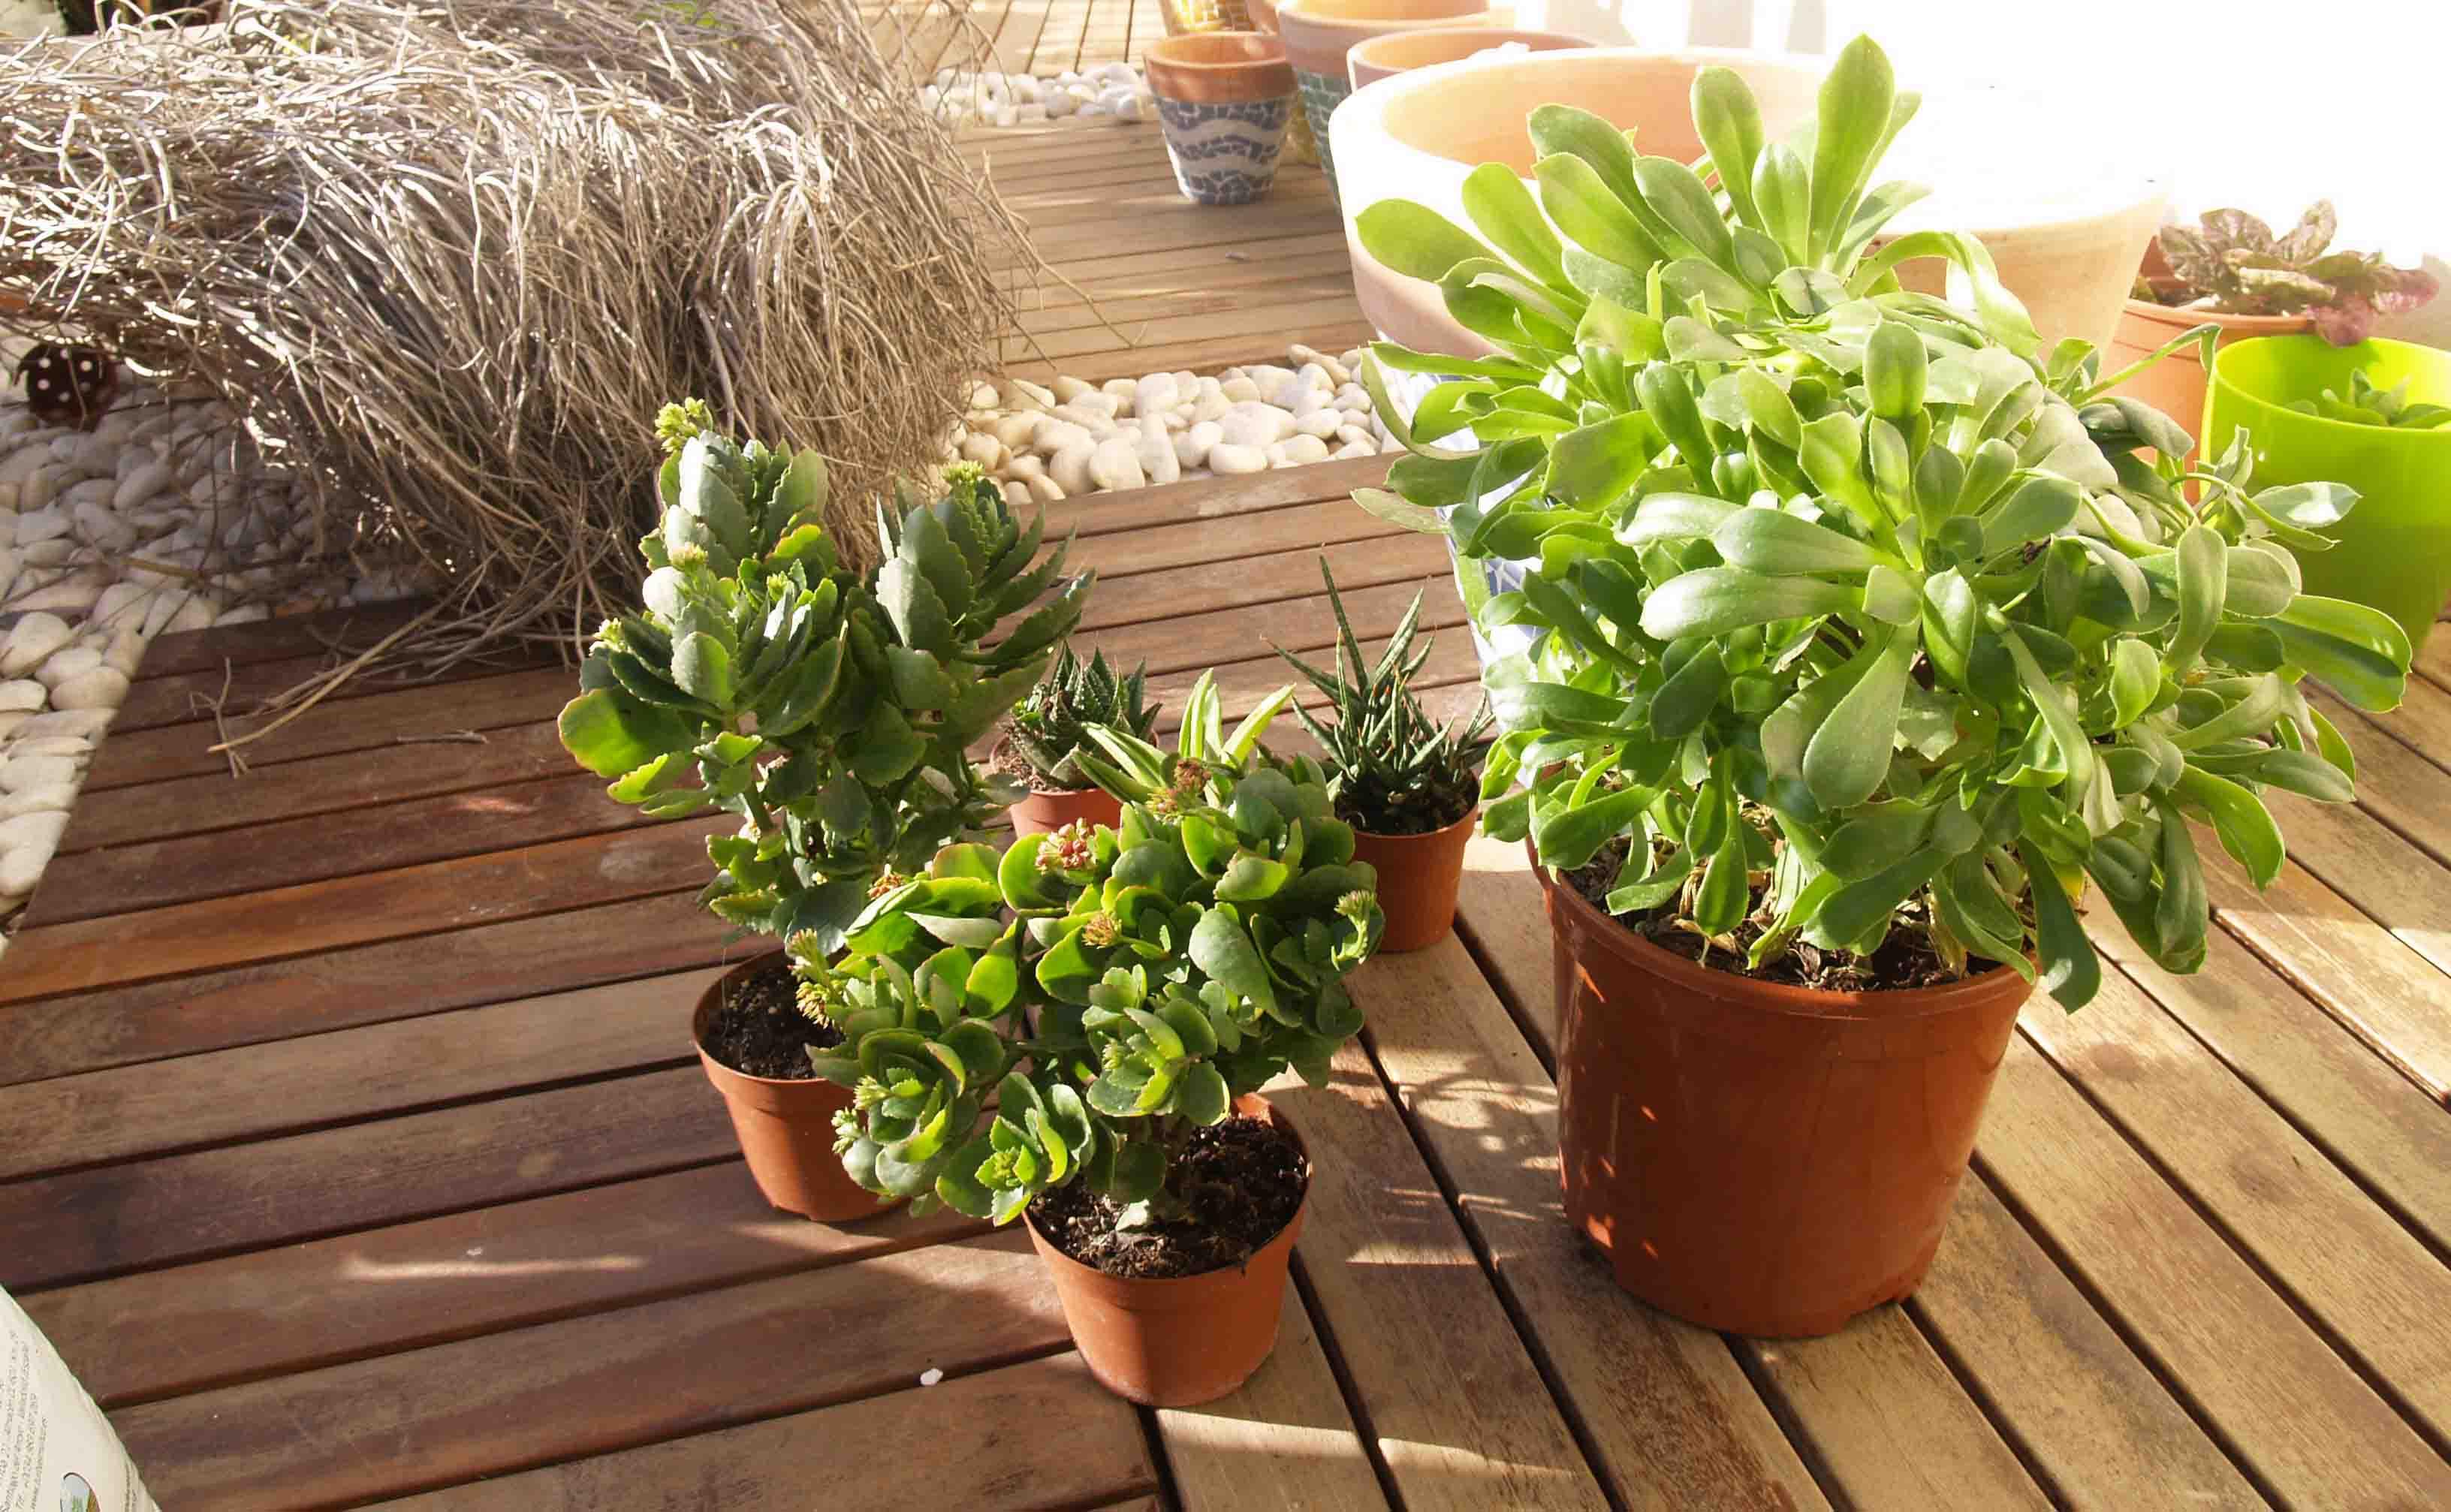 Diseño de jardín: Cómo hacer una composición vegetal